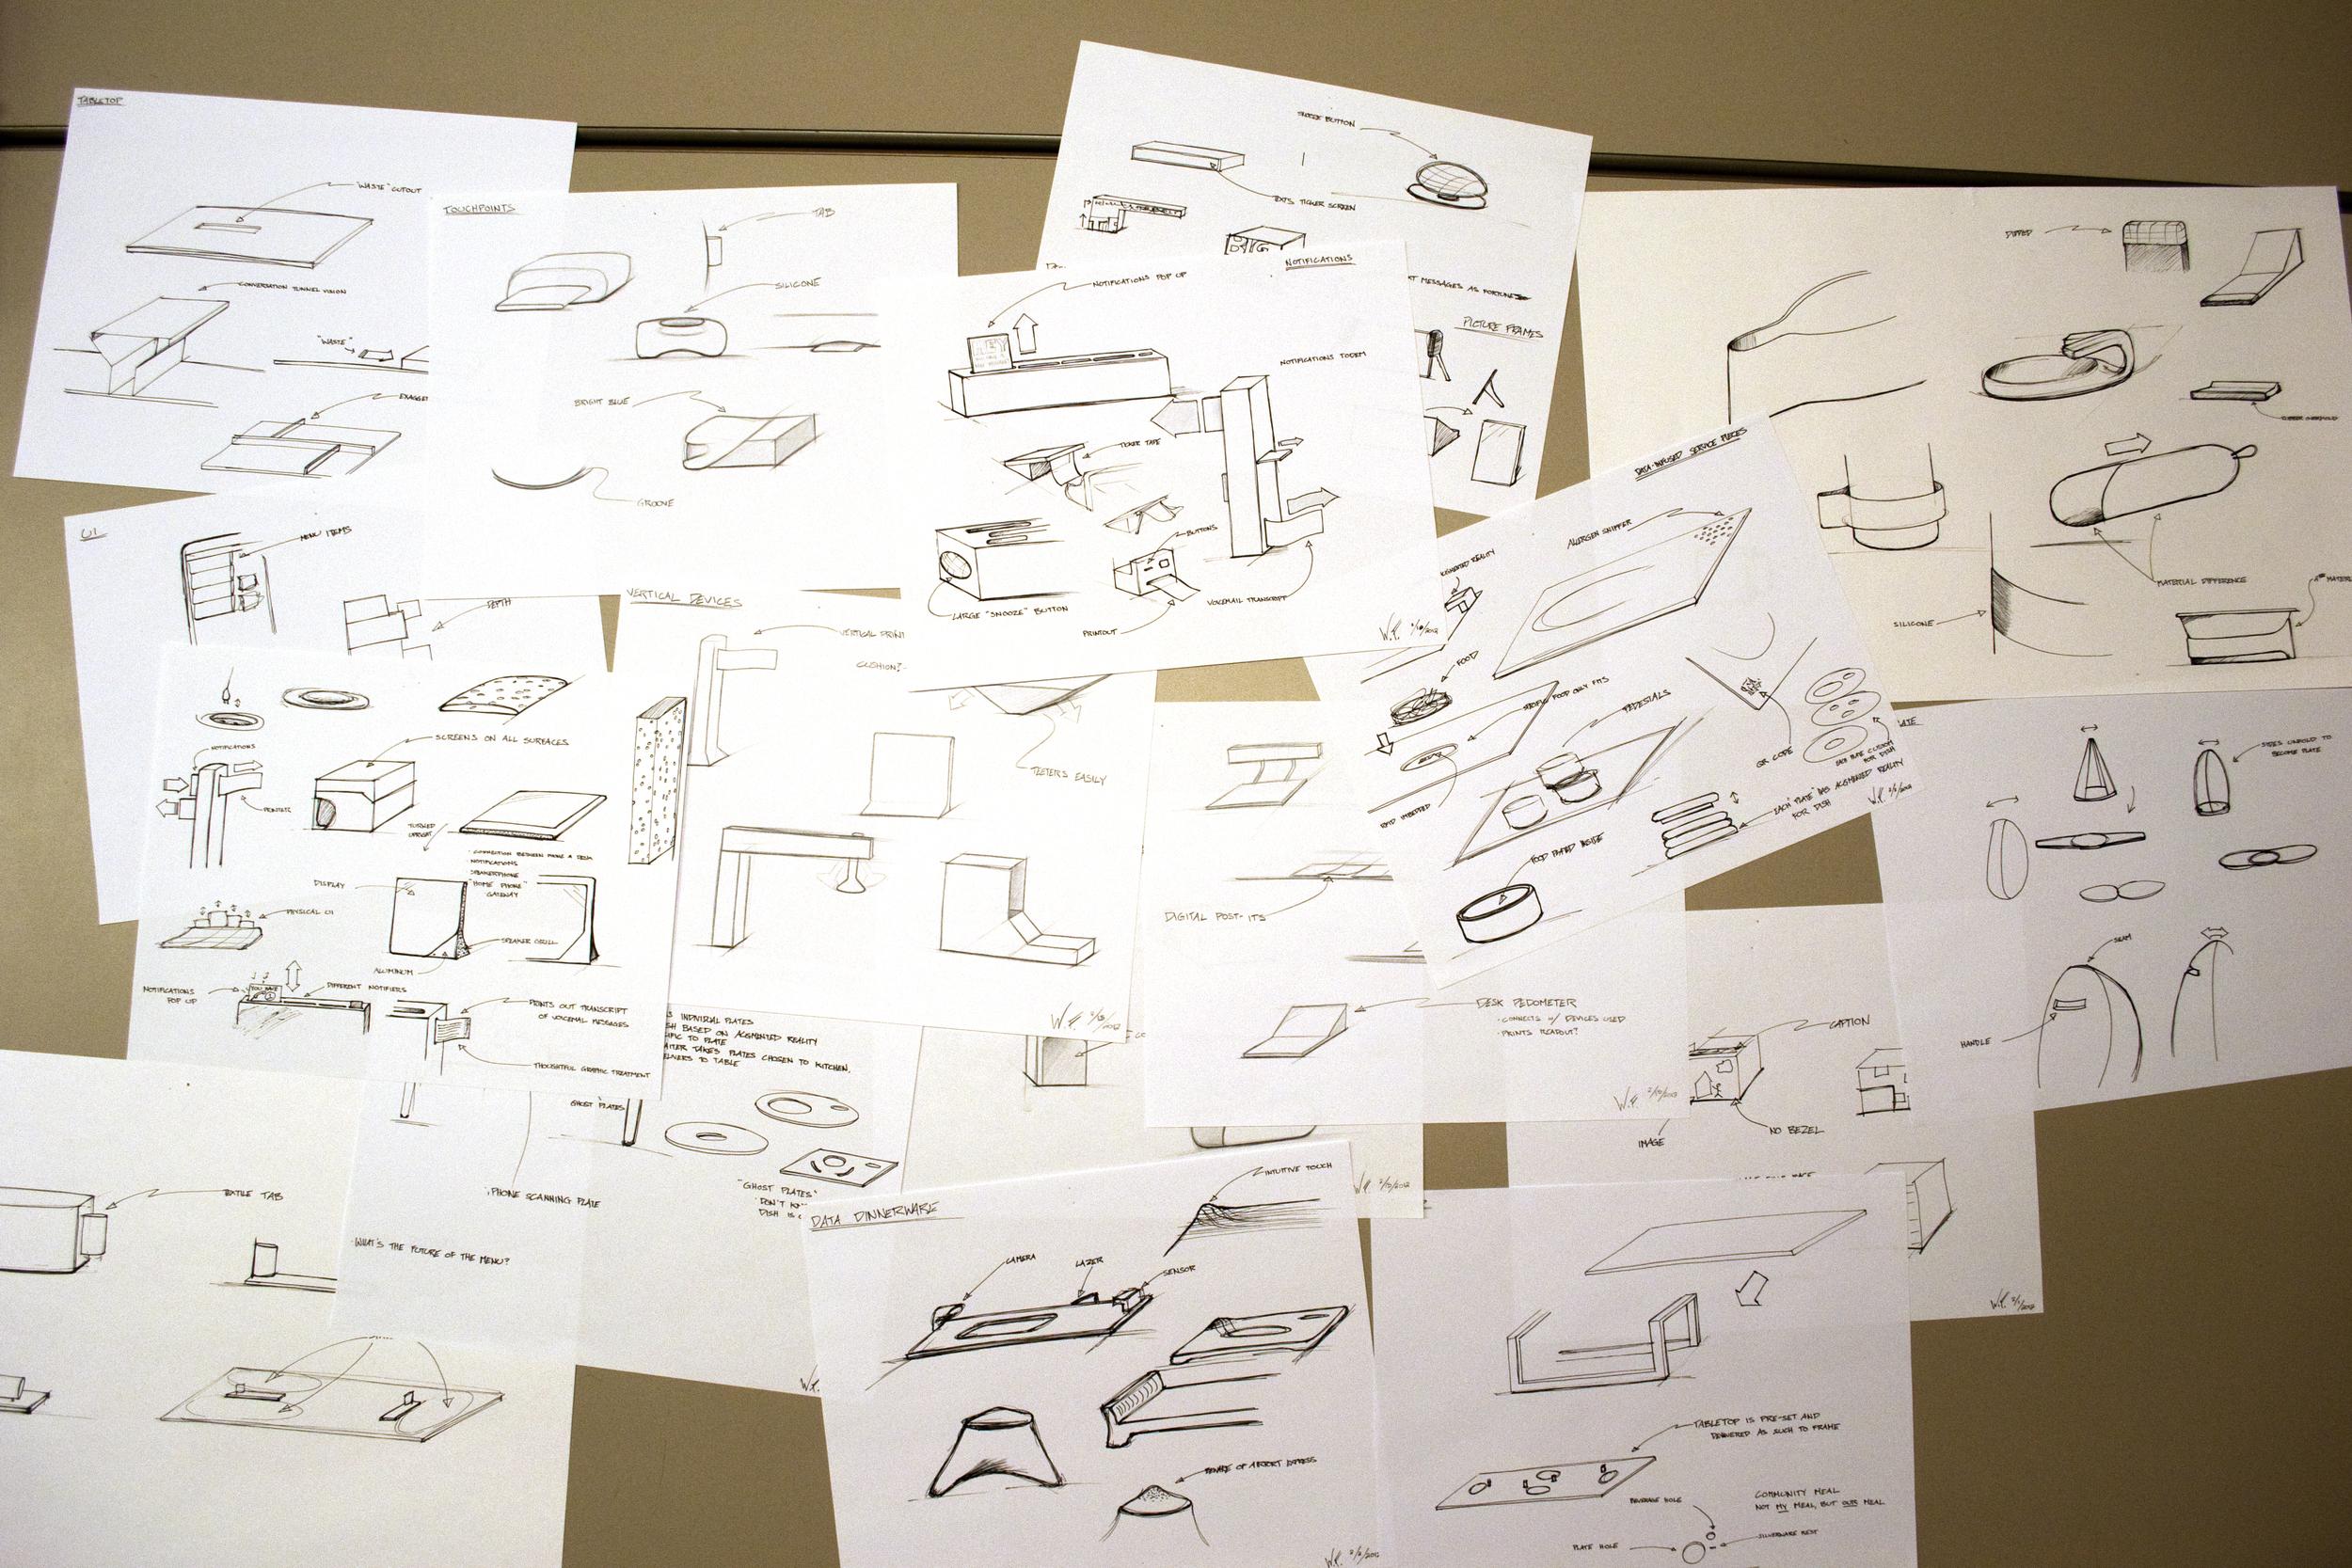 Tabletop Sketch Pile.jpg